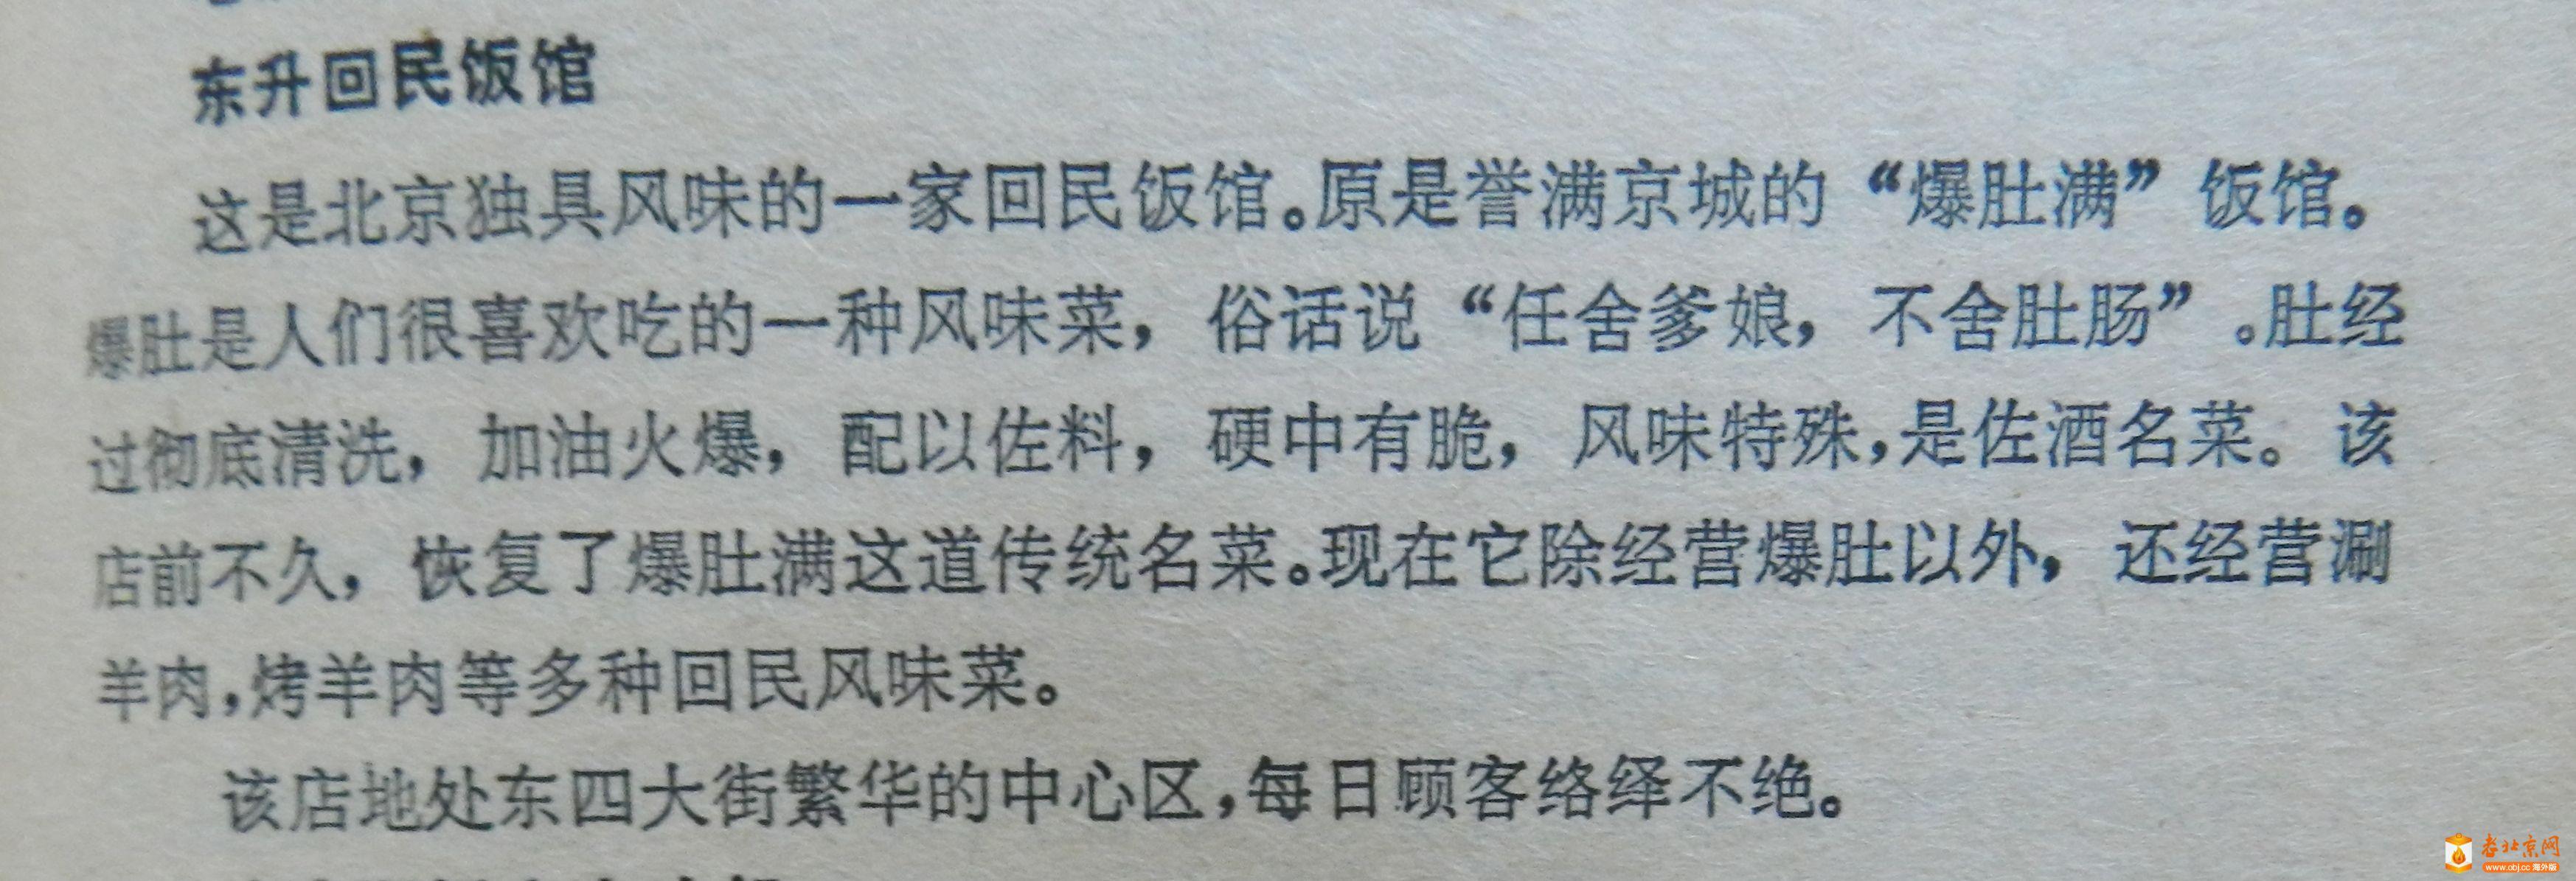 东升回民饭馆.jpg